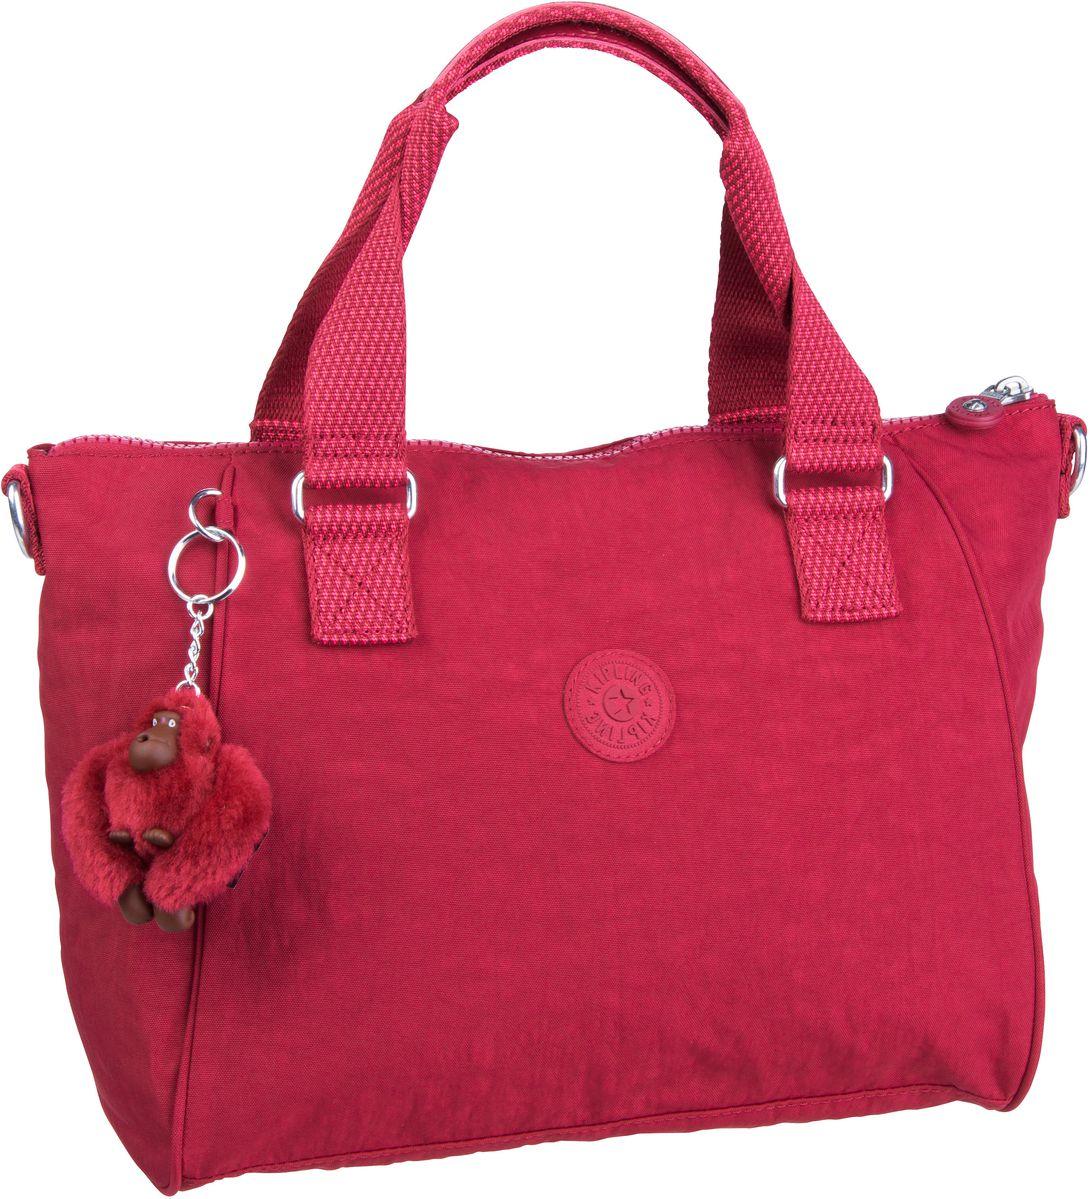 Handtasche Amiel Basic Radiant Red C (10 Liter)